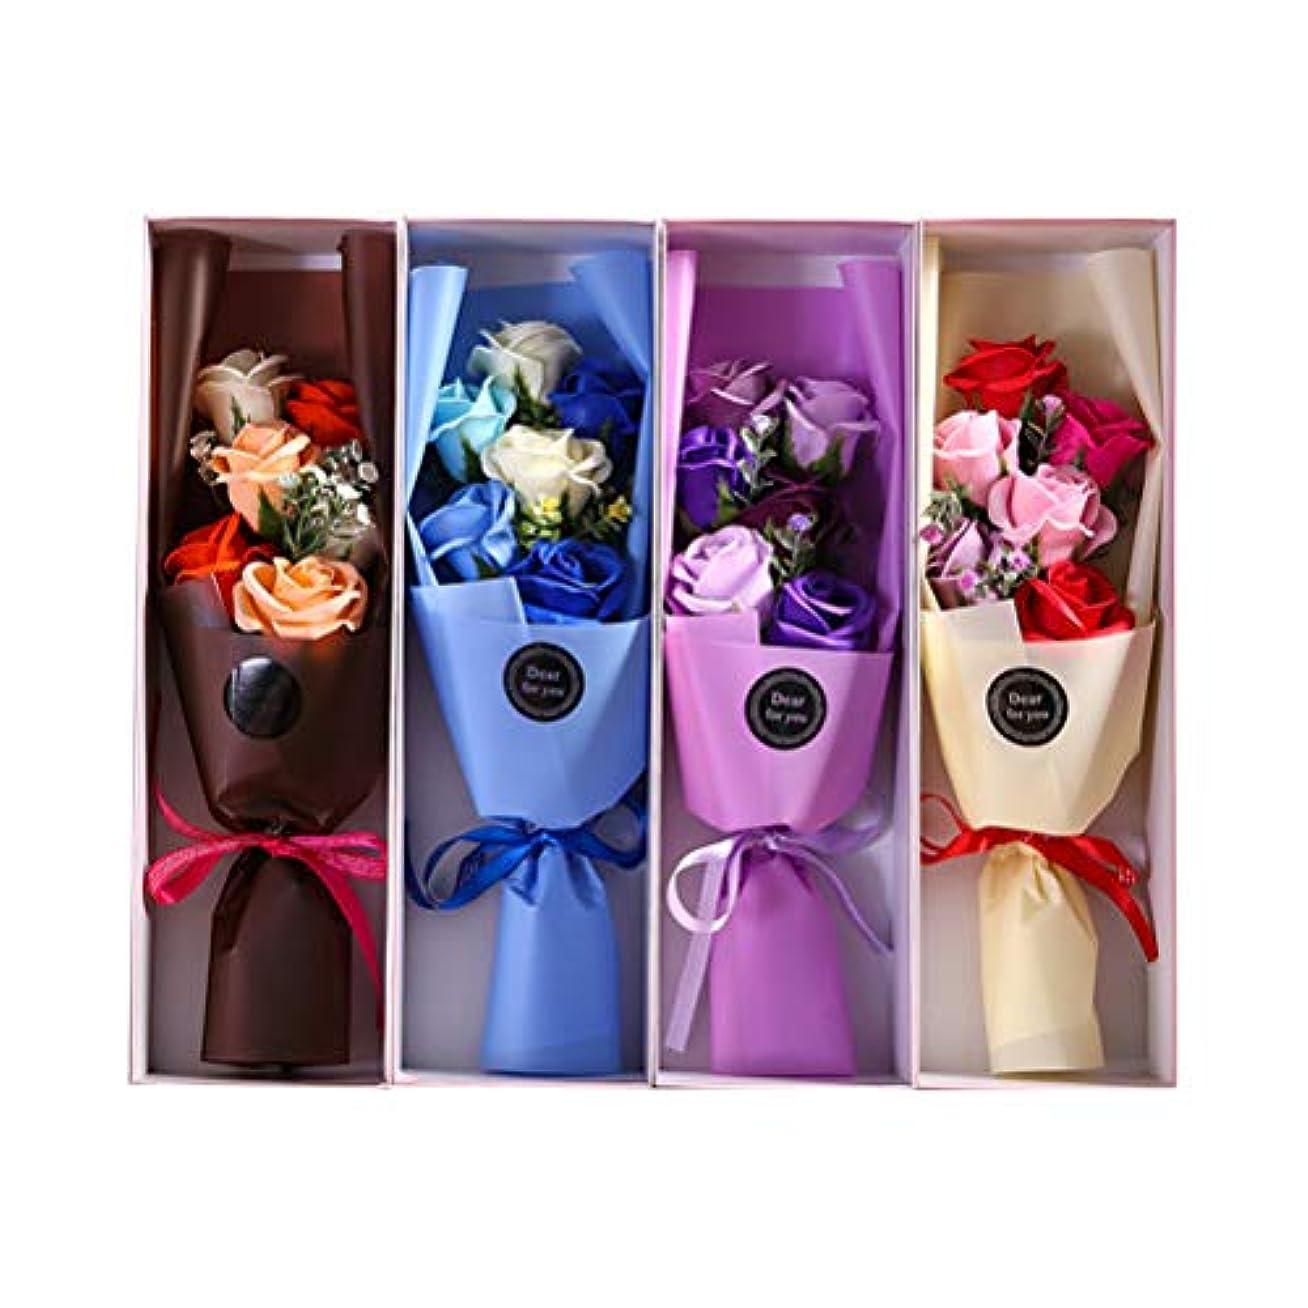 レンジ正確な奇跡的なBESTOYARD 6PCS石鹸の花びら人工石鹸の花のバラのギフトボックスカップルバレンタインデーのプレゼント(ランダムカラー)